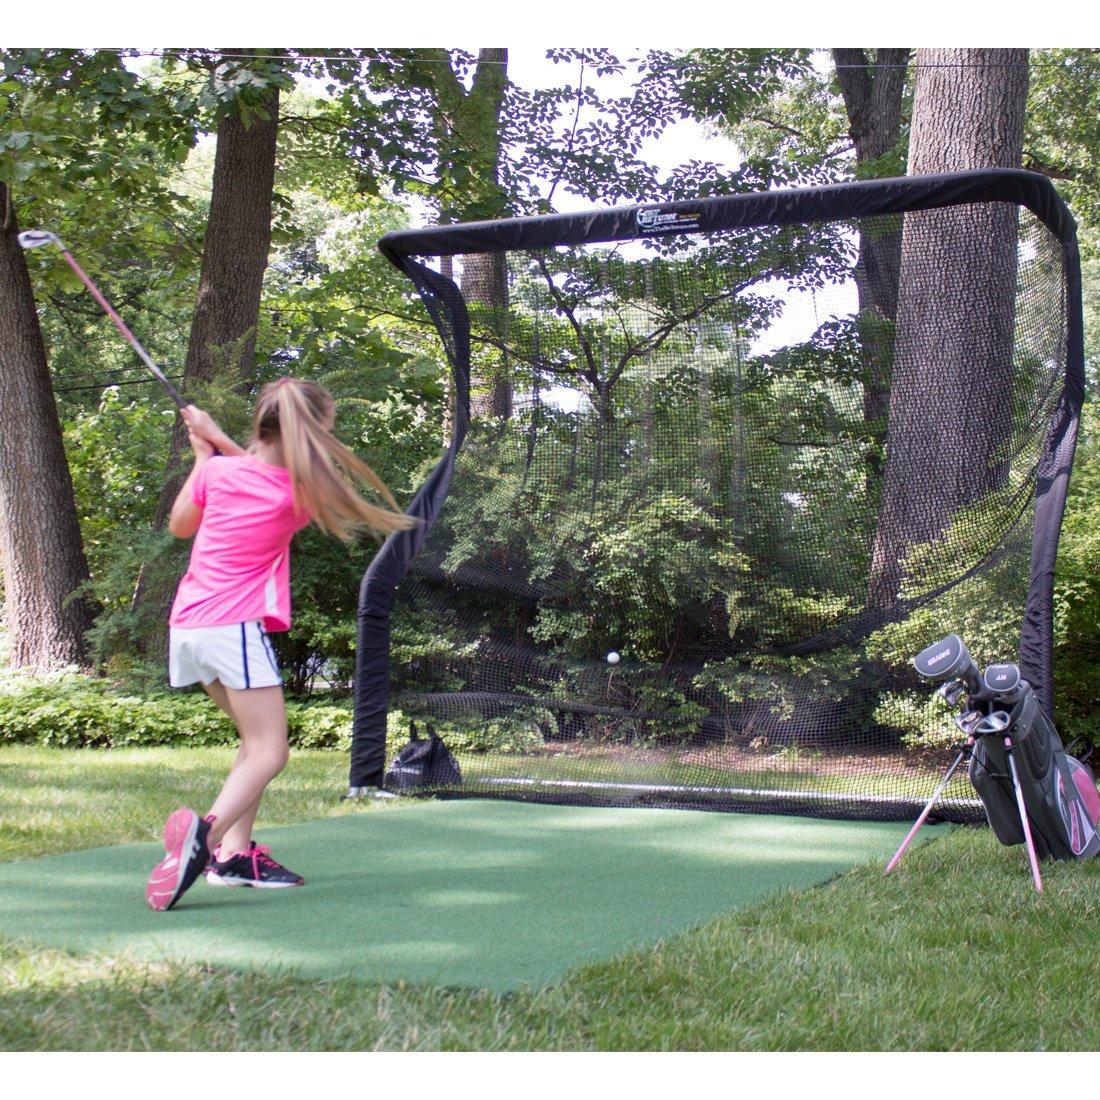 The-net-return-best-golf-nets-for-backyards